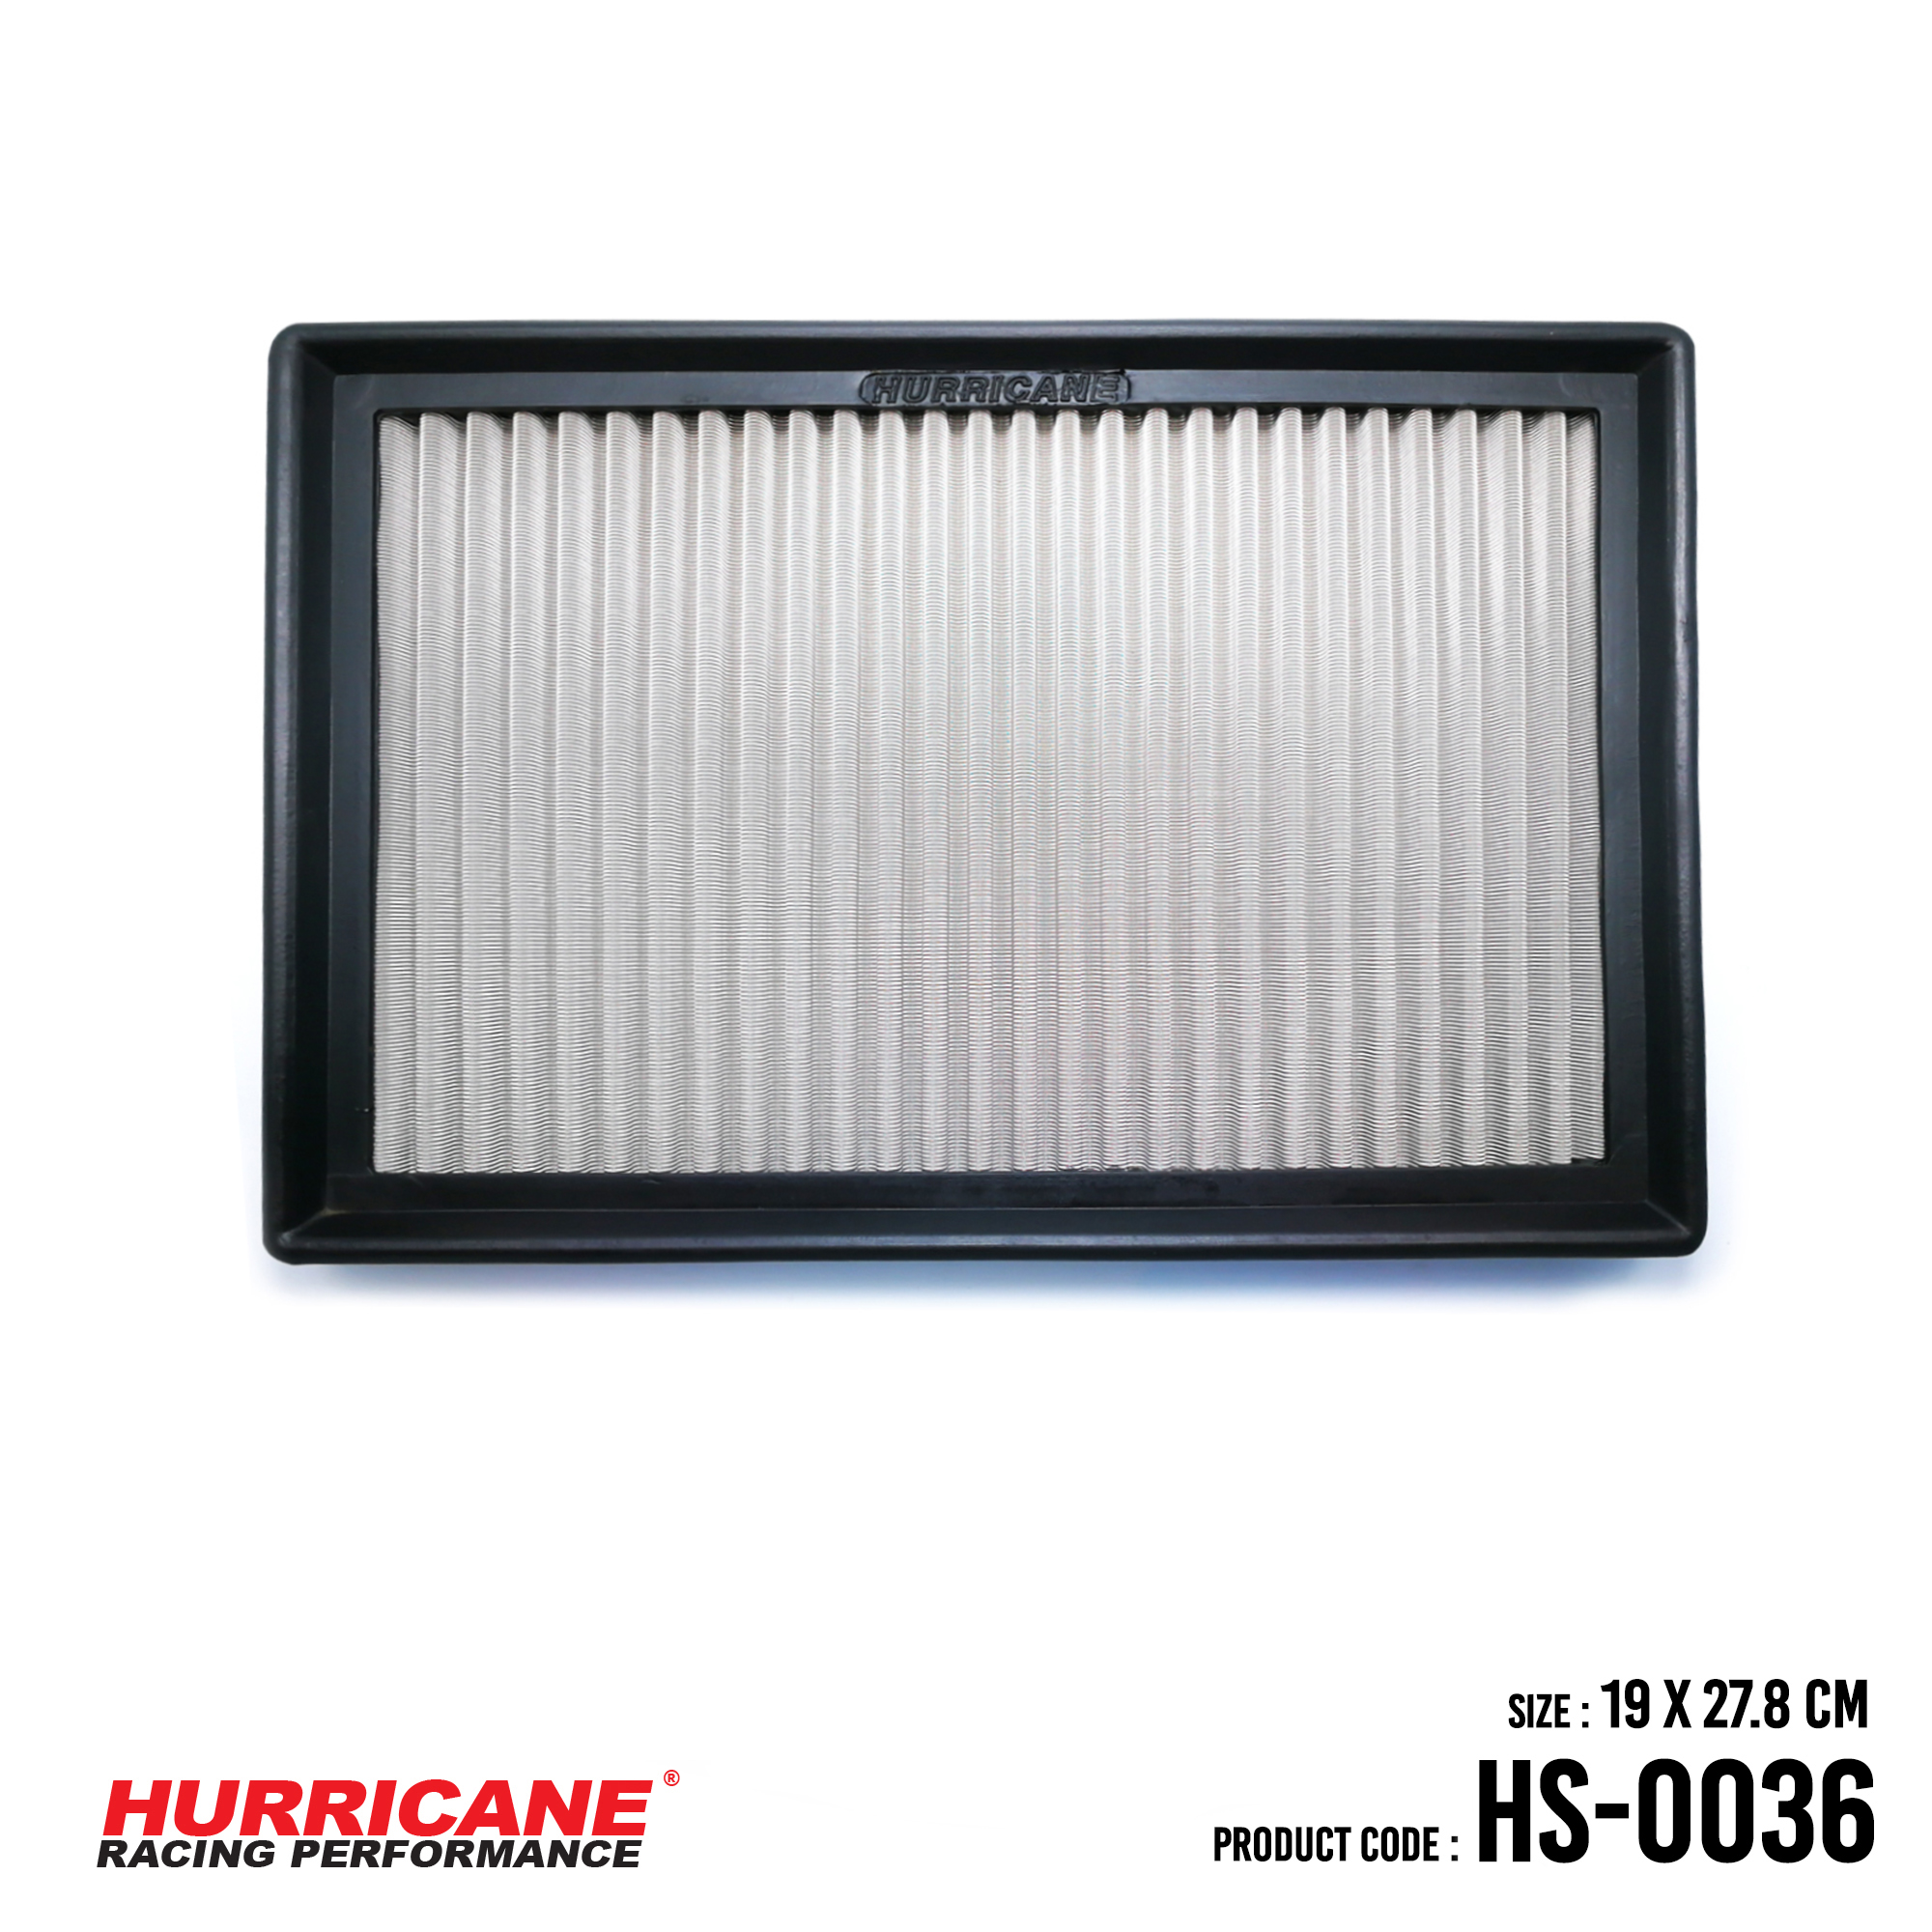 HURRICANE STAINLESS STEEL AIR FILTER FOR HS-0036 FordVolvo